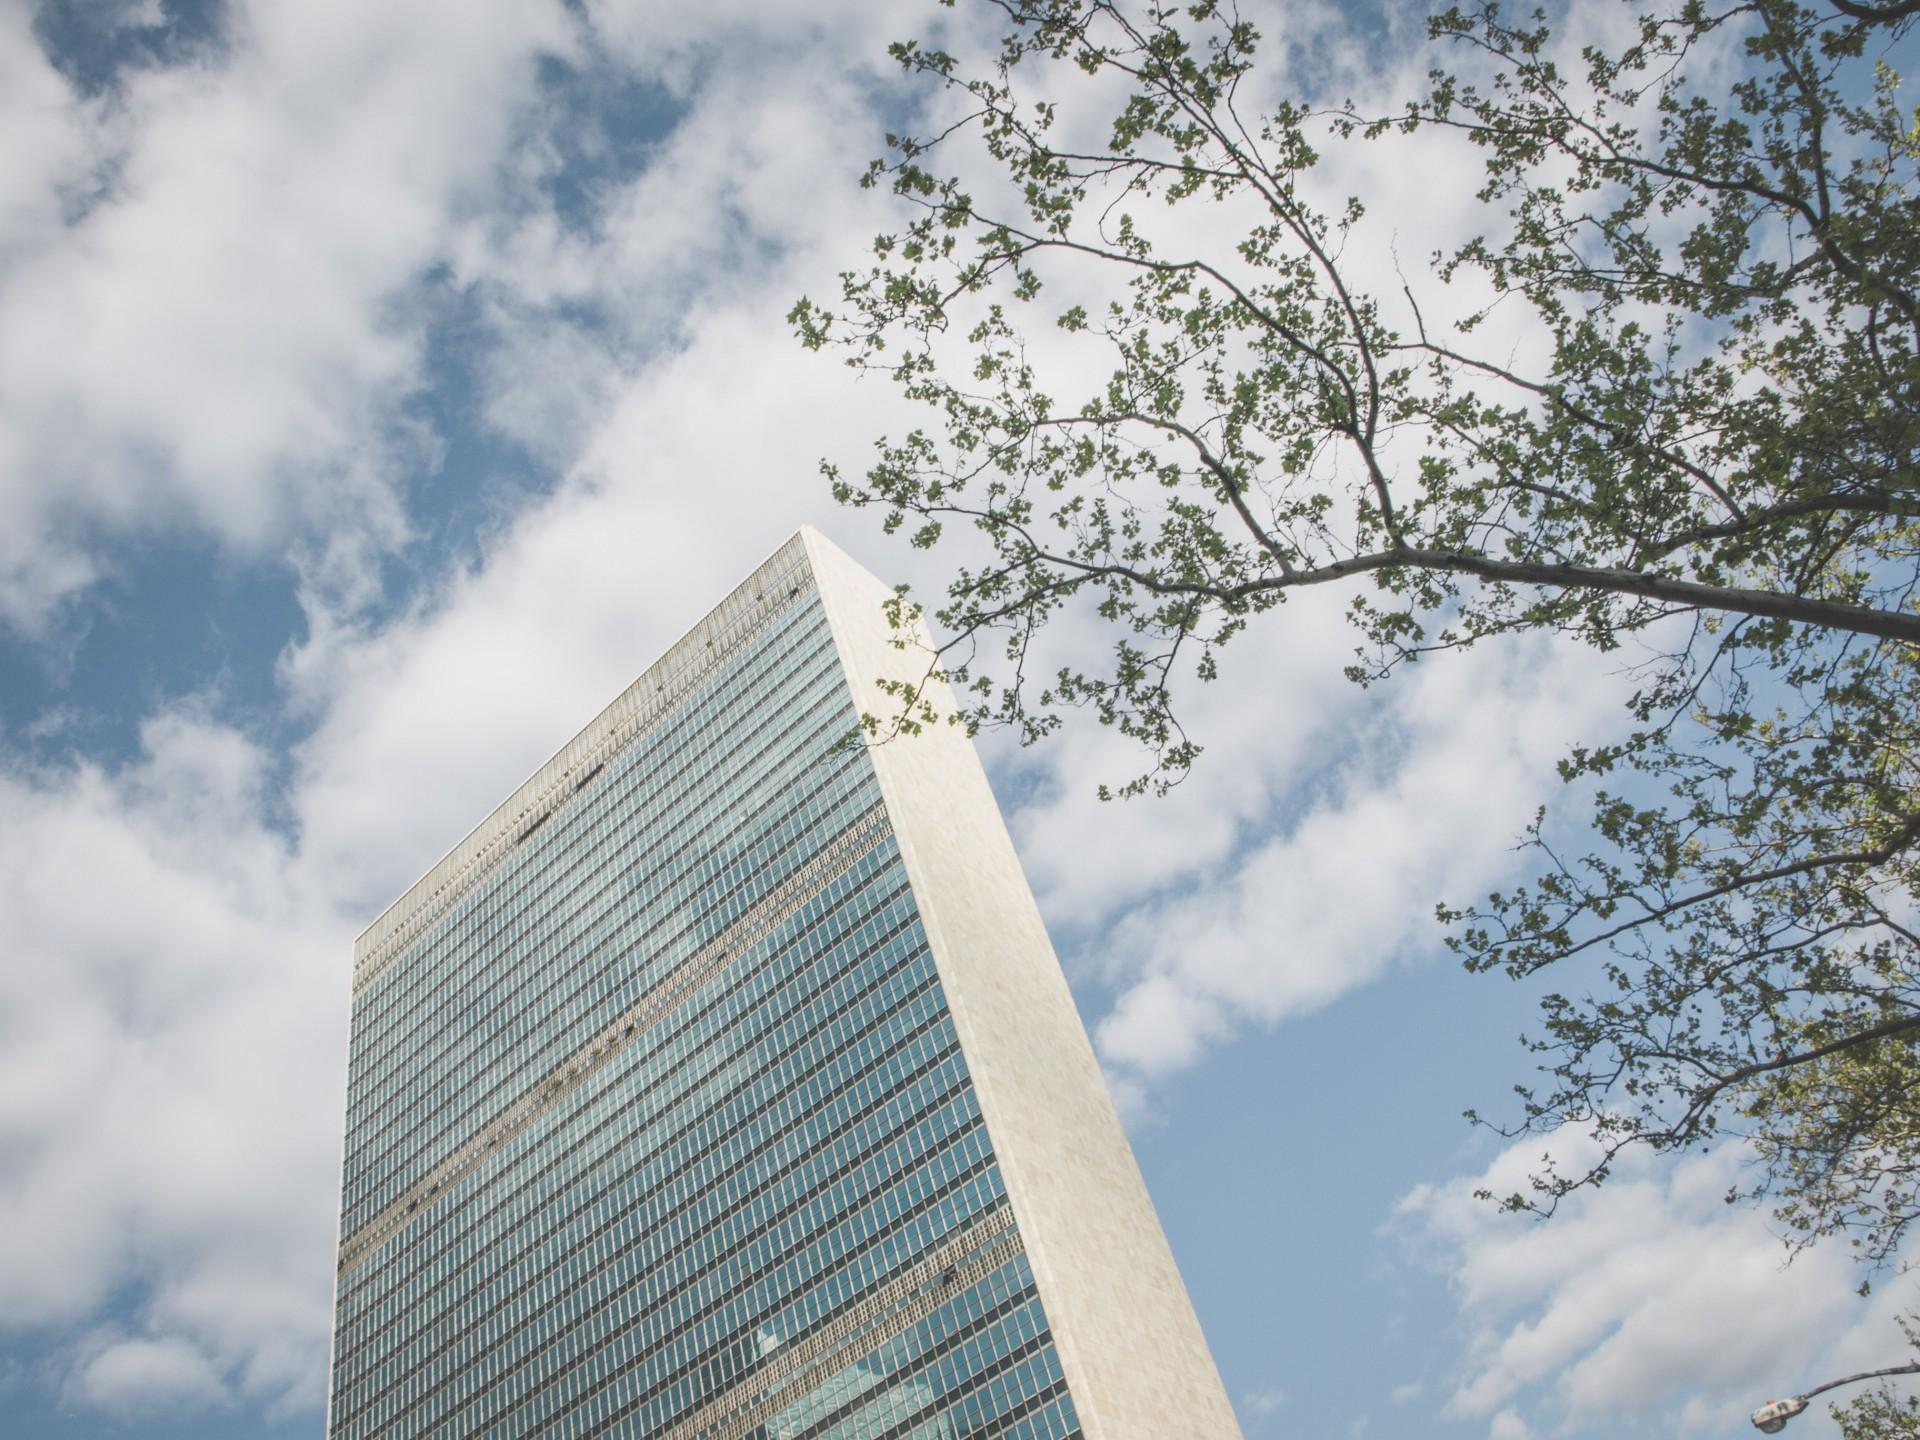 Skuffende utfall av FN-møte om utviklingsfinansiering